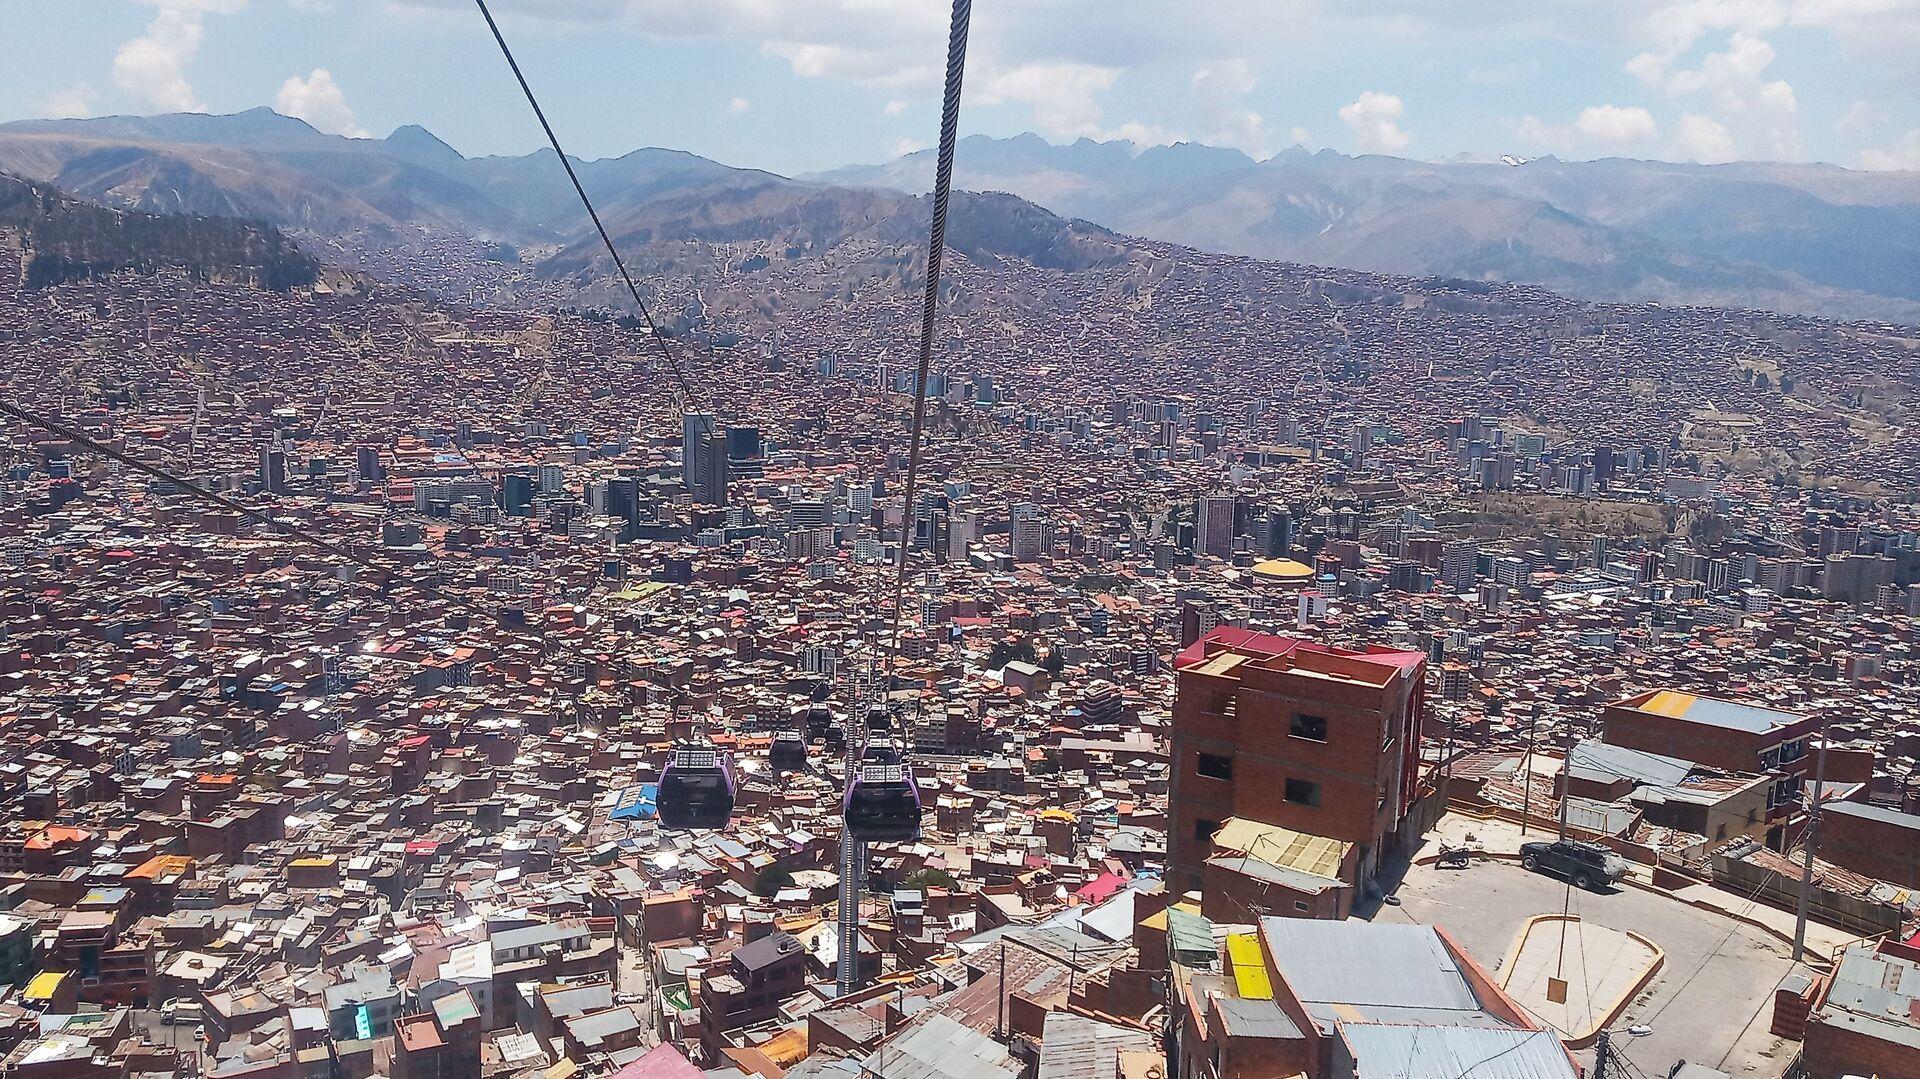 Vista de la ciudad de La Paz bajando desde El Alto - Sputnik Mundo, 1920, 07.05.2021